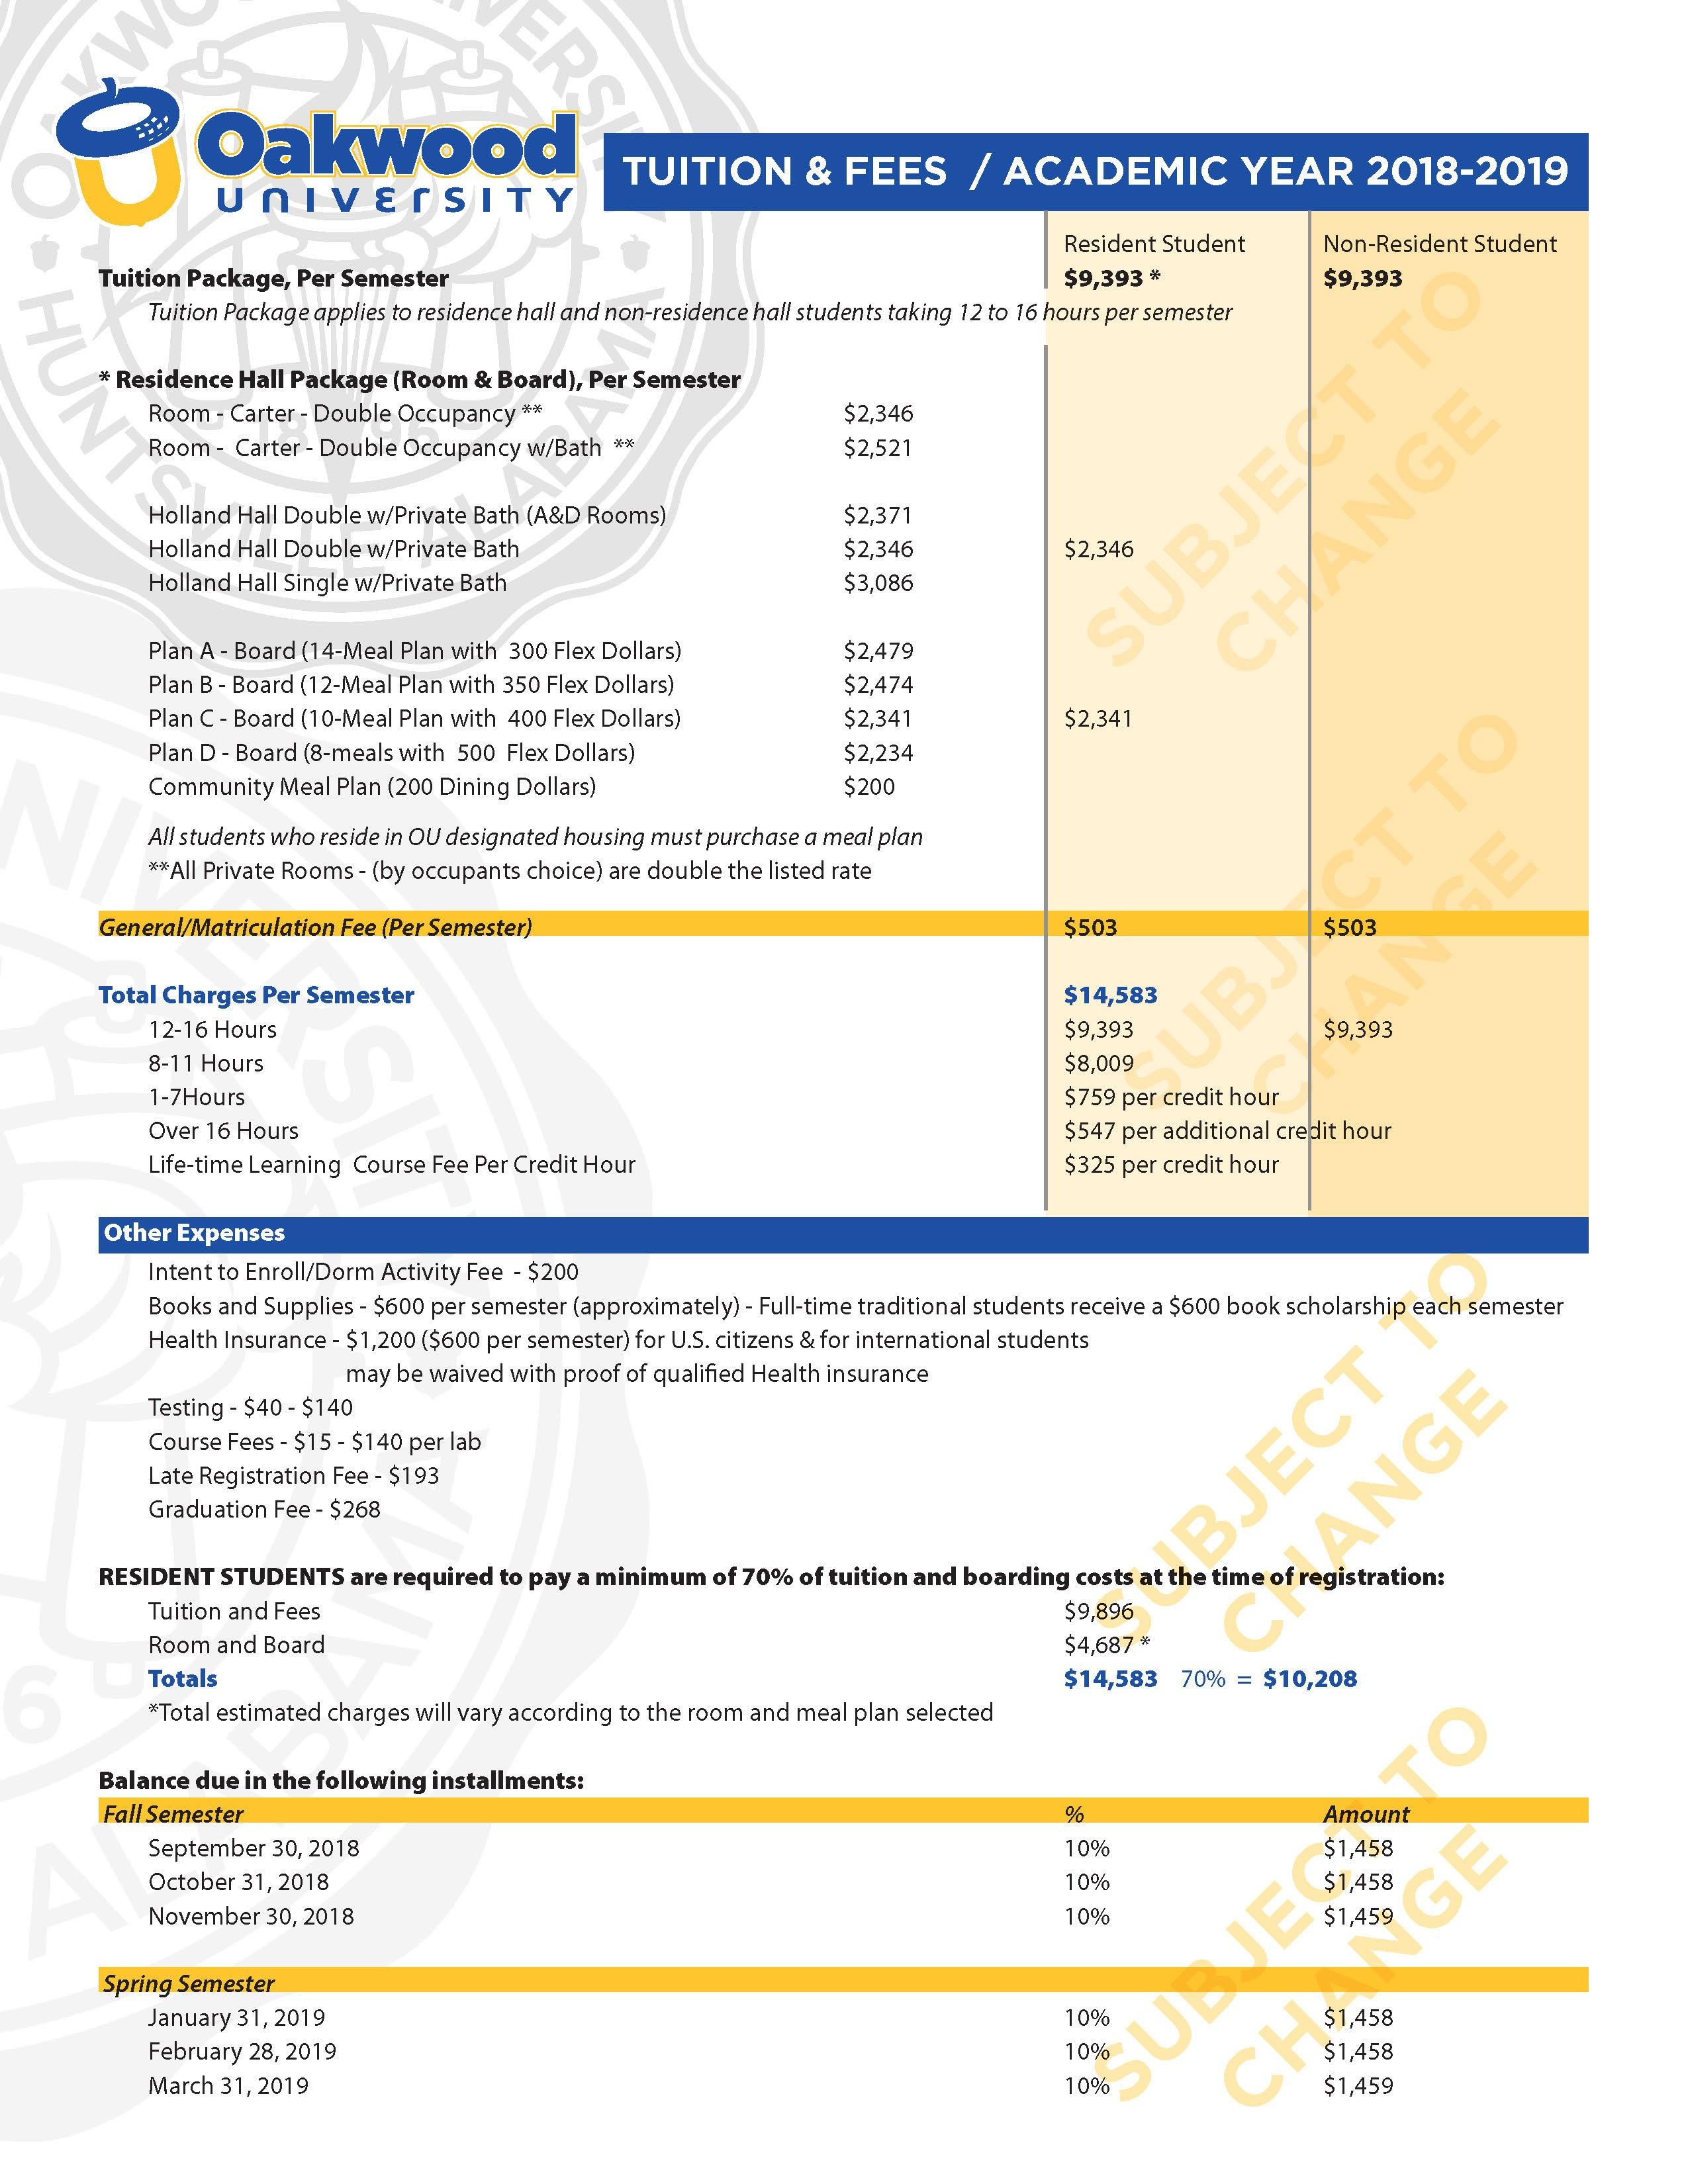 Calendar 2019 In Excel with Indian Holidays Actual Home Oakwood University Of Calendar 2019 In Excel with Indian Holidays Más Recientes It Sicherheits Technologie Und Management Informationen News Und